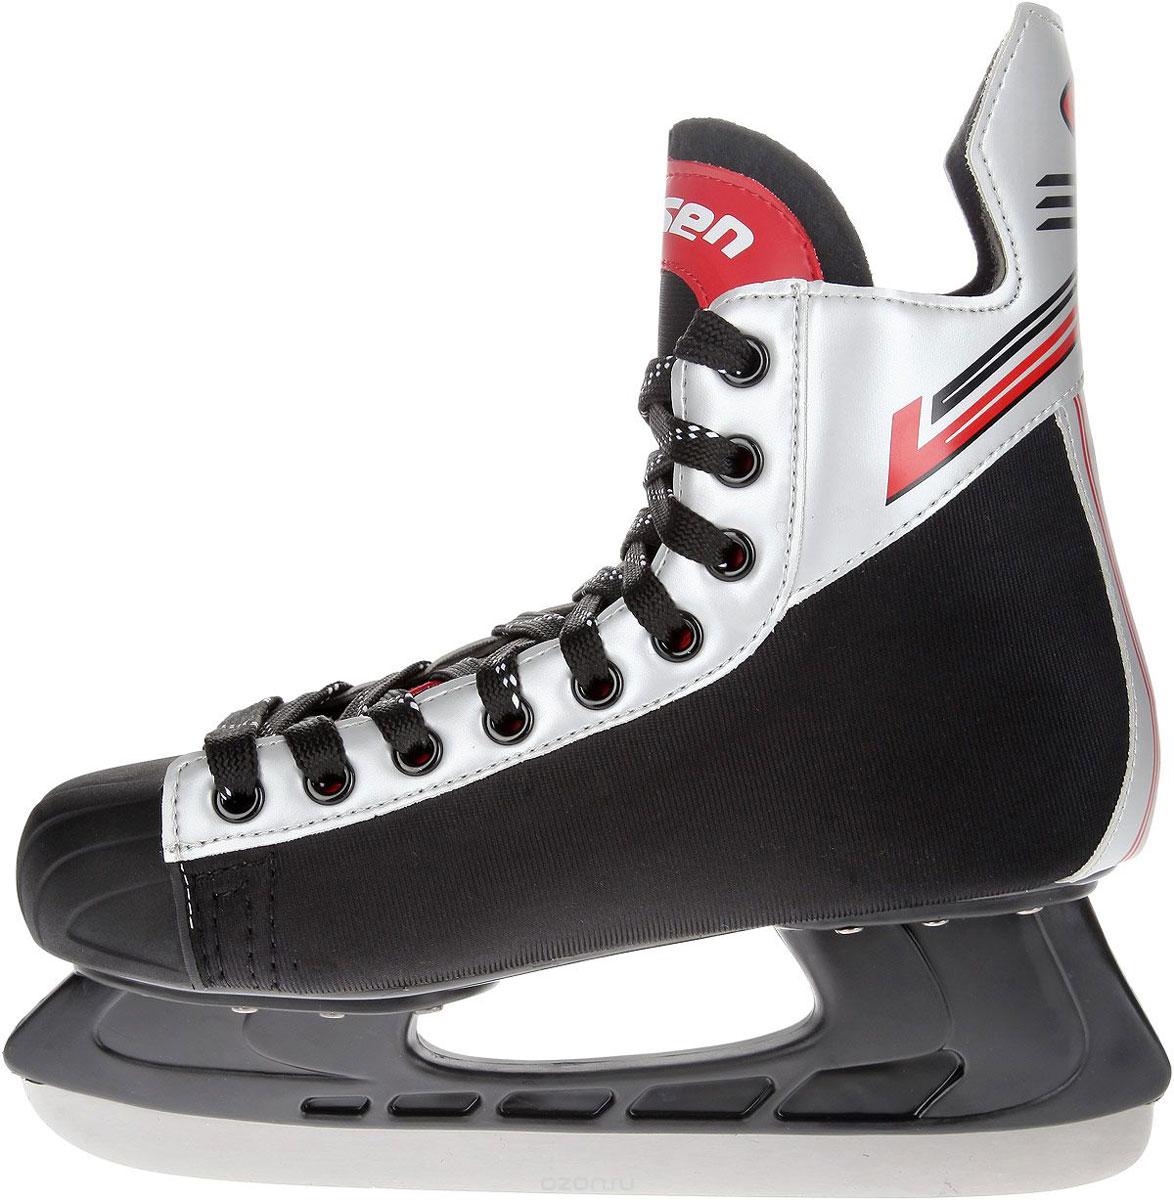 Коньки хоккейные мужские Larsen Alex, цвет: черный, серебристый, красный. Размер 41Atemi Force 3.0 2012 Black-GrayСтильные коньки Alex от Larsen прекрасно подойдут для начинающих игроков в хоккей. Ботиноквыполнен из нейлона и морозоустойчивого поливинилхлорида. Мыс дополнен вставкой изполиуретана, которая защитит ноги от ударов. Внутренний слой изготовлен из мягкого текстиля,который обеспечит тепло и комфорт во время катания, язычок - из войлока. Плотная шнуровканадежно фиксирует модель на ноге. Голеностоп имеет удобный суппорт. Стелька из EVA стекстильной поверхностью обеспечит комфортное катание. Стойка выполнена изударопрочного полипропилена. Лезвие из нержавеющей стали обеспечит превосходноескольжение. В комплект входят пластиковые чехлы для лезвий.